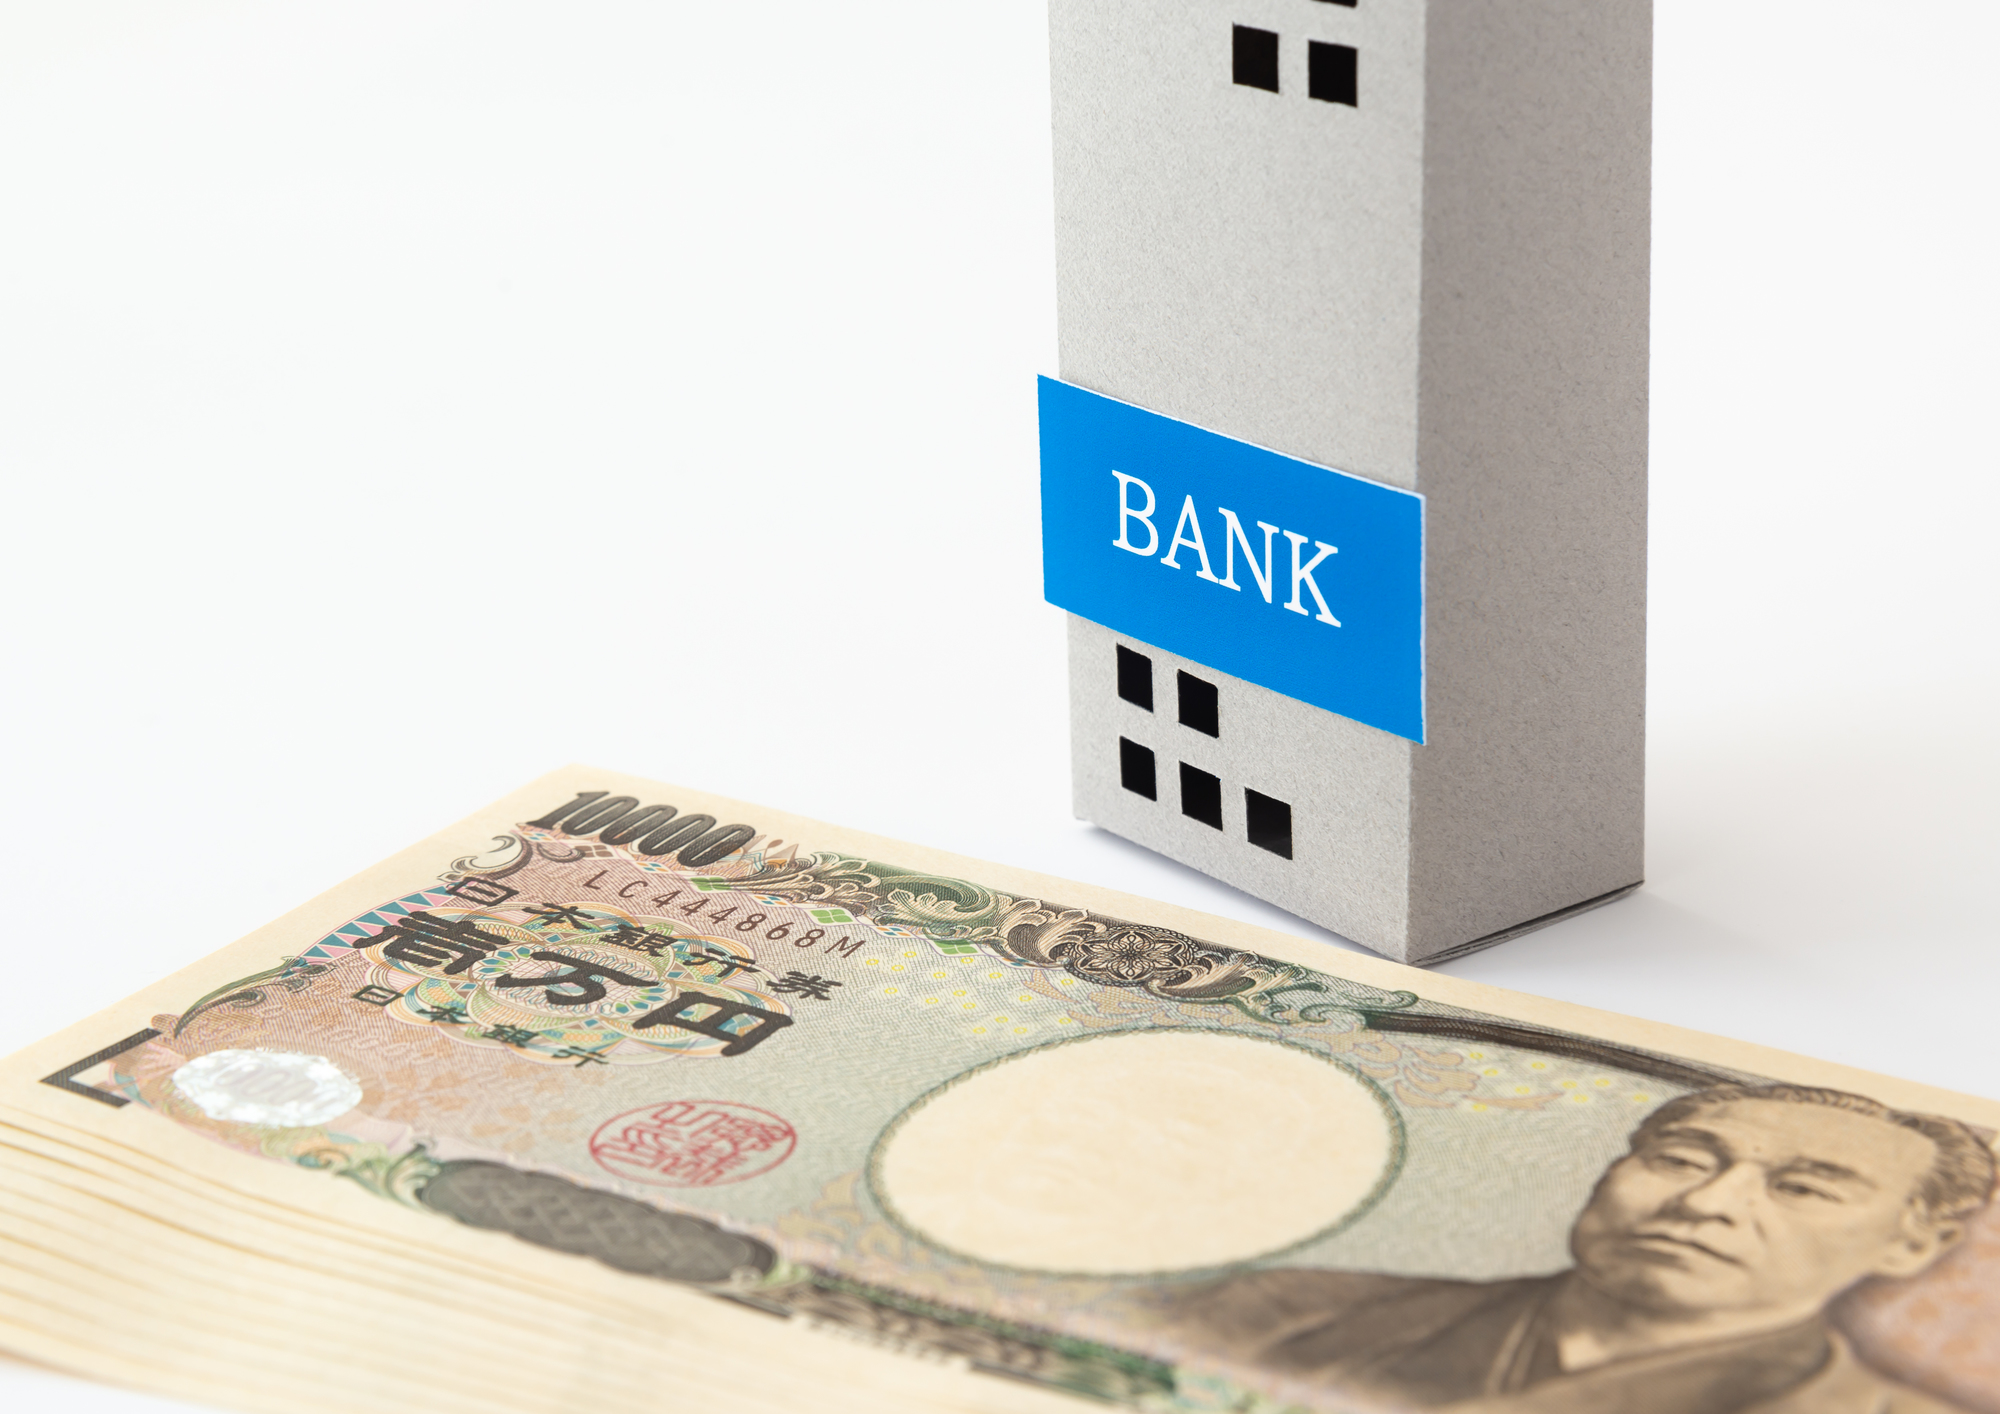 都市銀行のおまとめローン